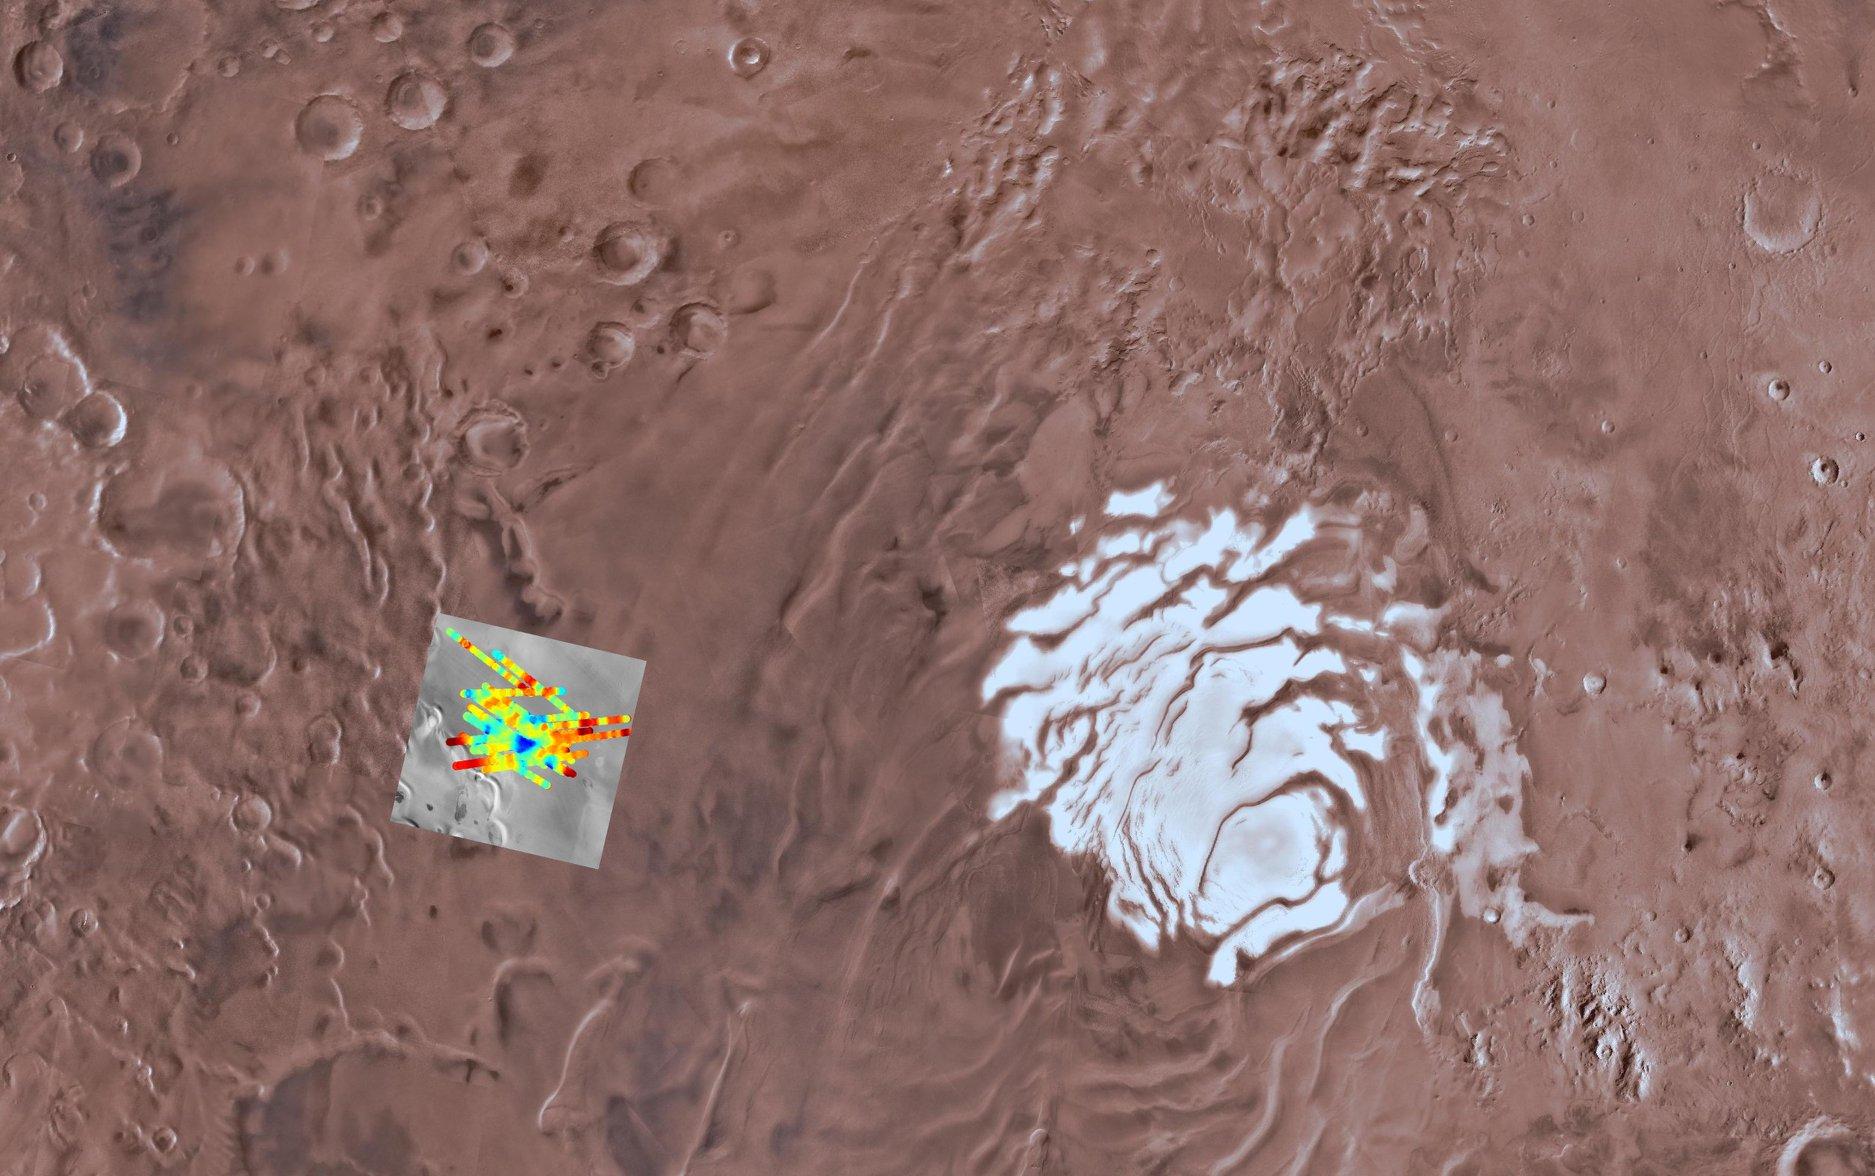 MARSIS Acqua Marte